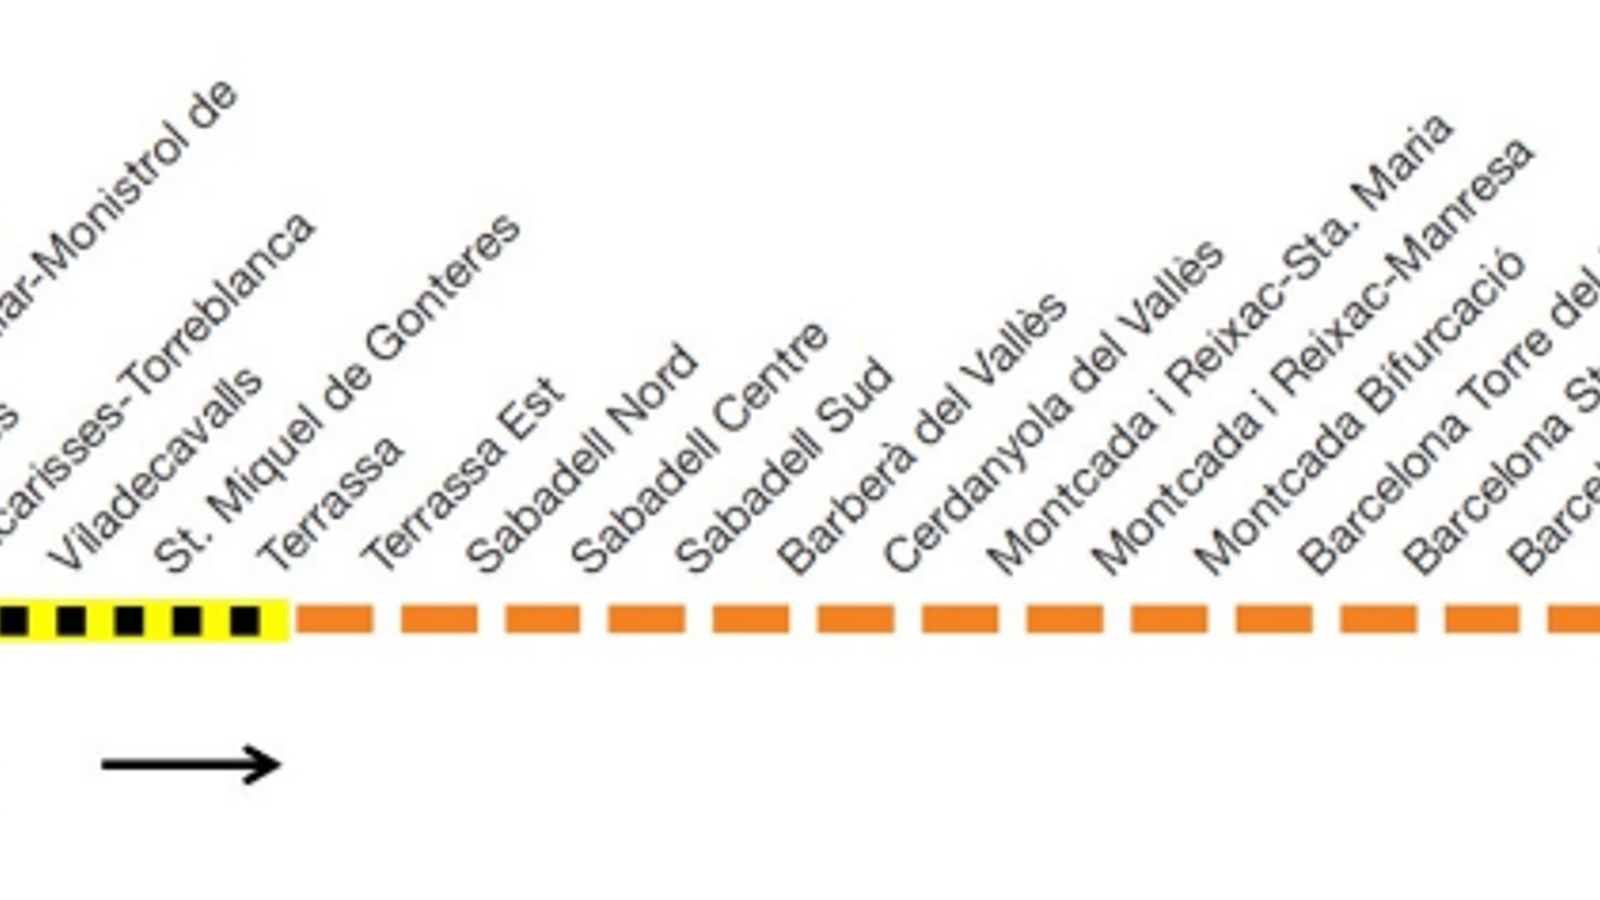 Servei alternatiu per carretera entre Terrassa i Manresa per als trens de la R4 i la R12